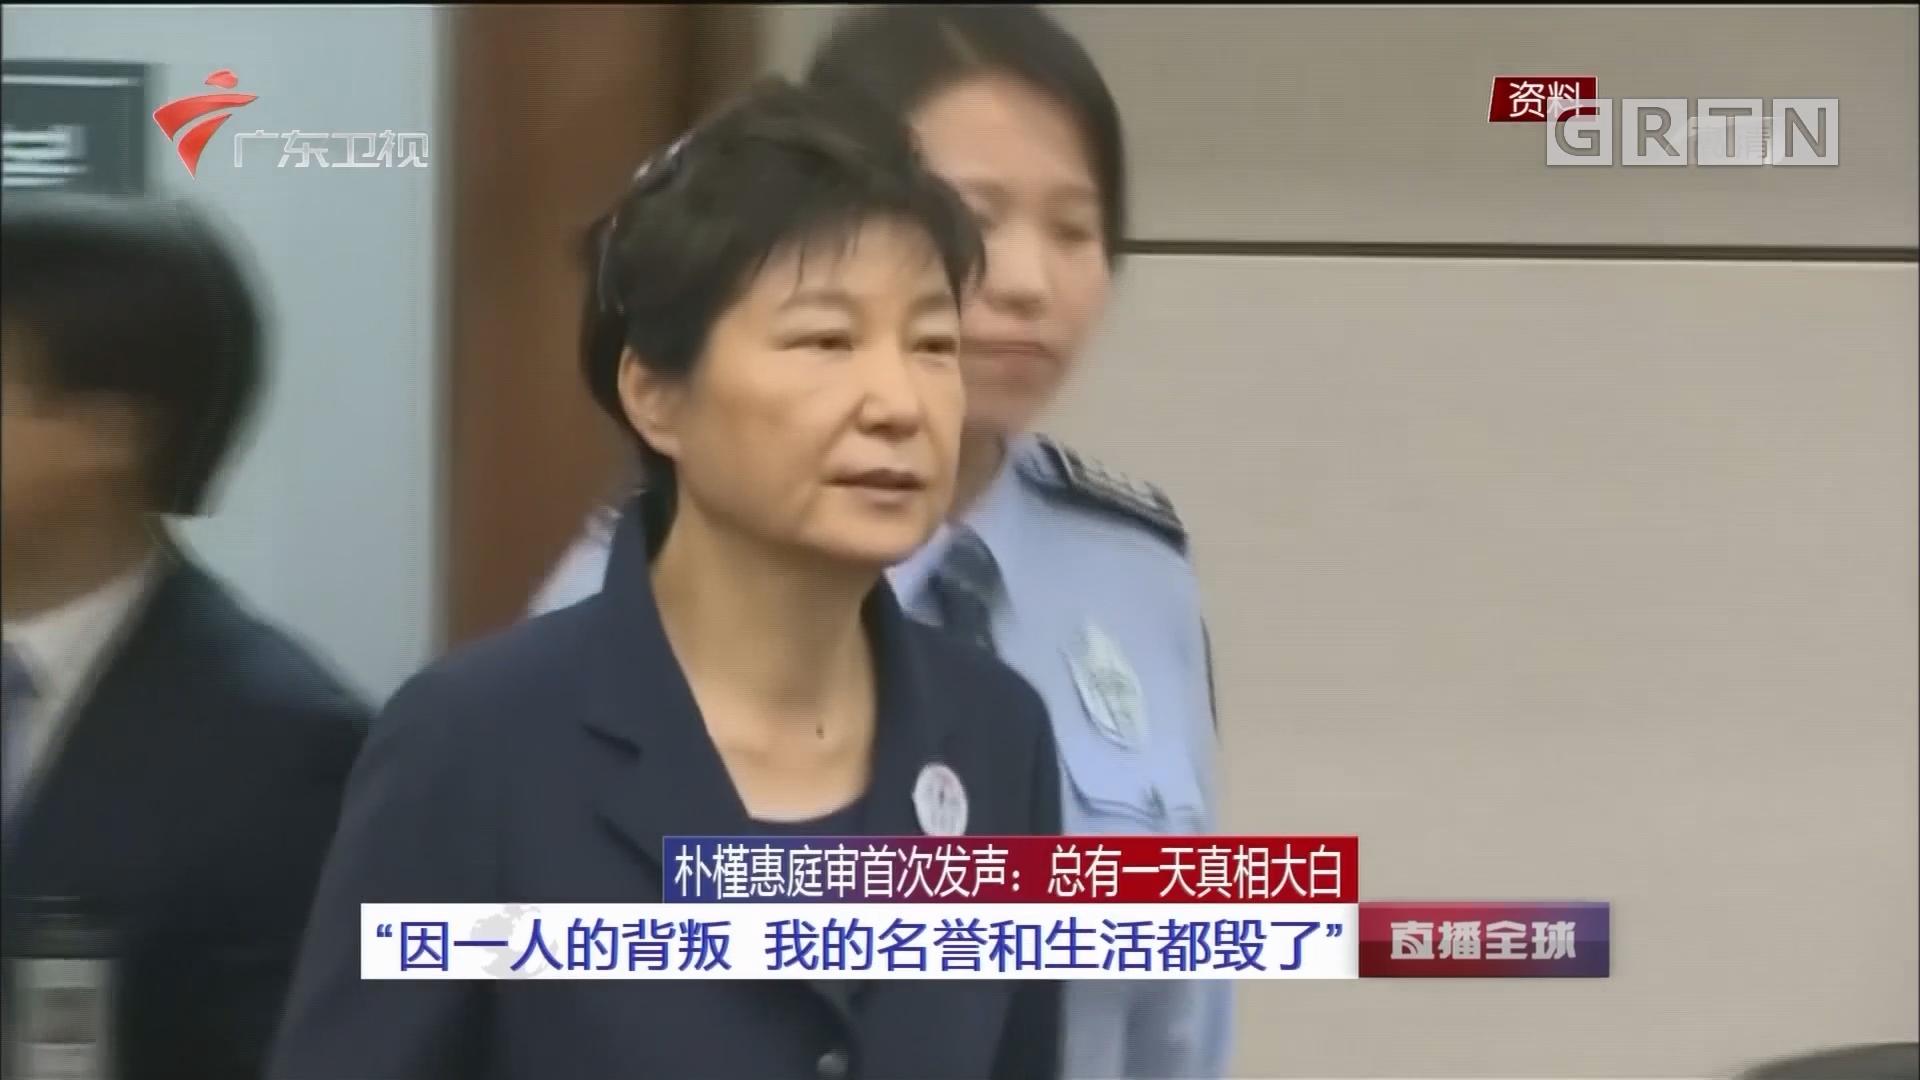 """朴槿惠庭审首次发声:总有一天真相大白 """"因一人的背叛 我的名誉和生活都毁了"""""""